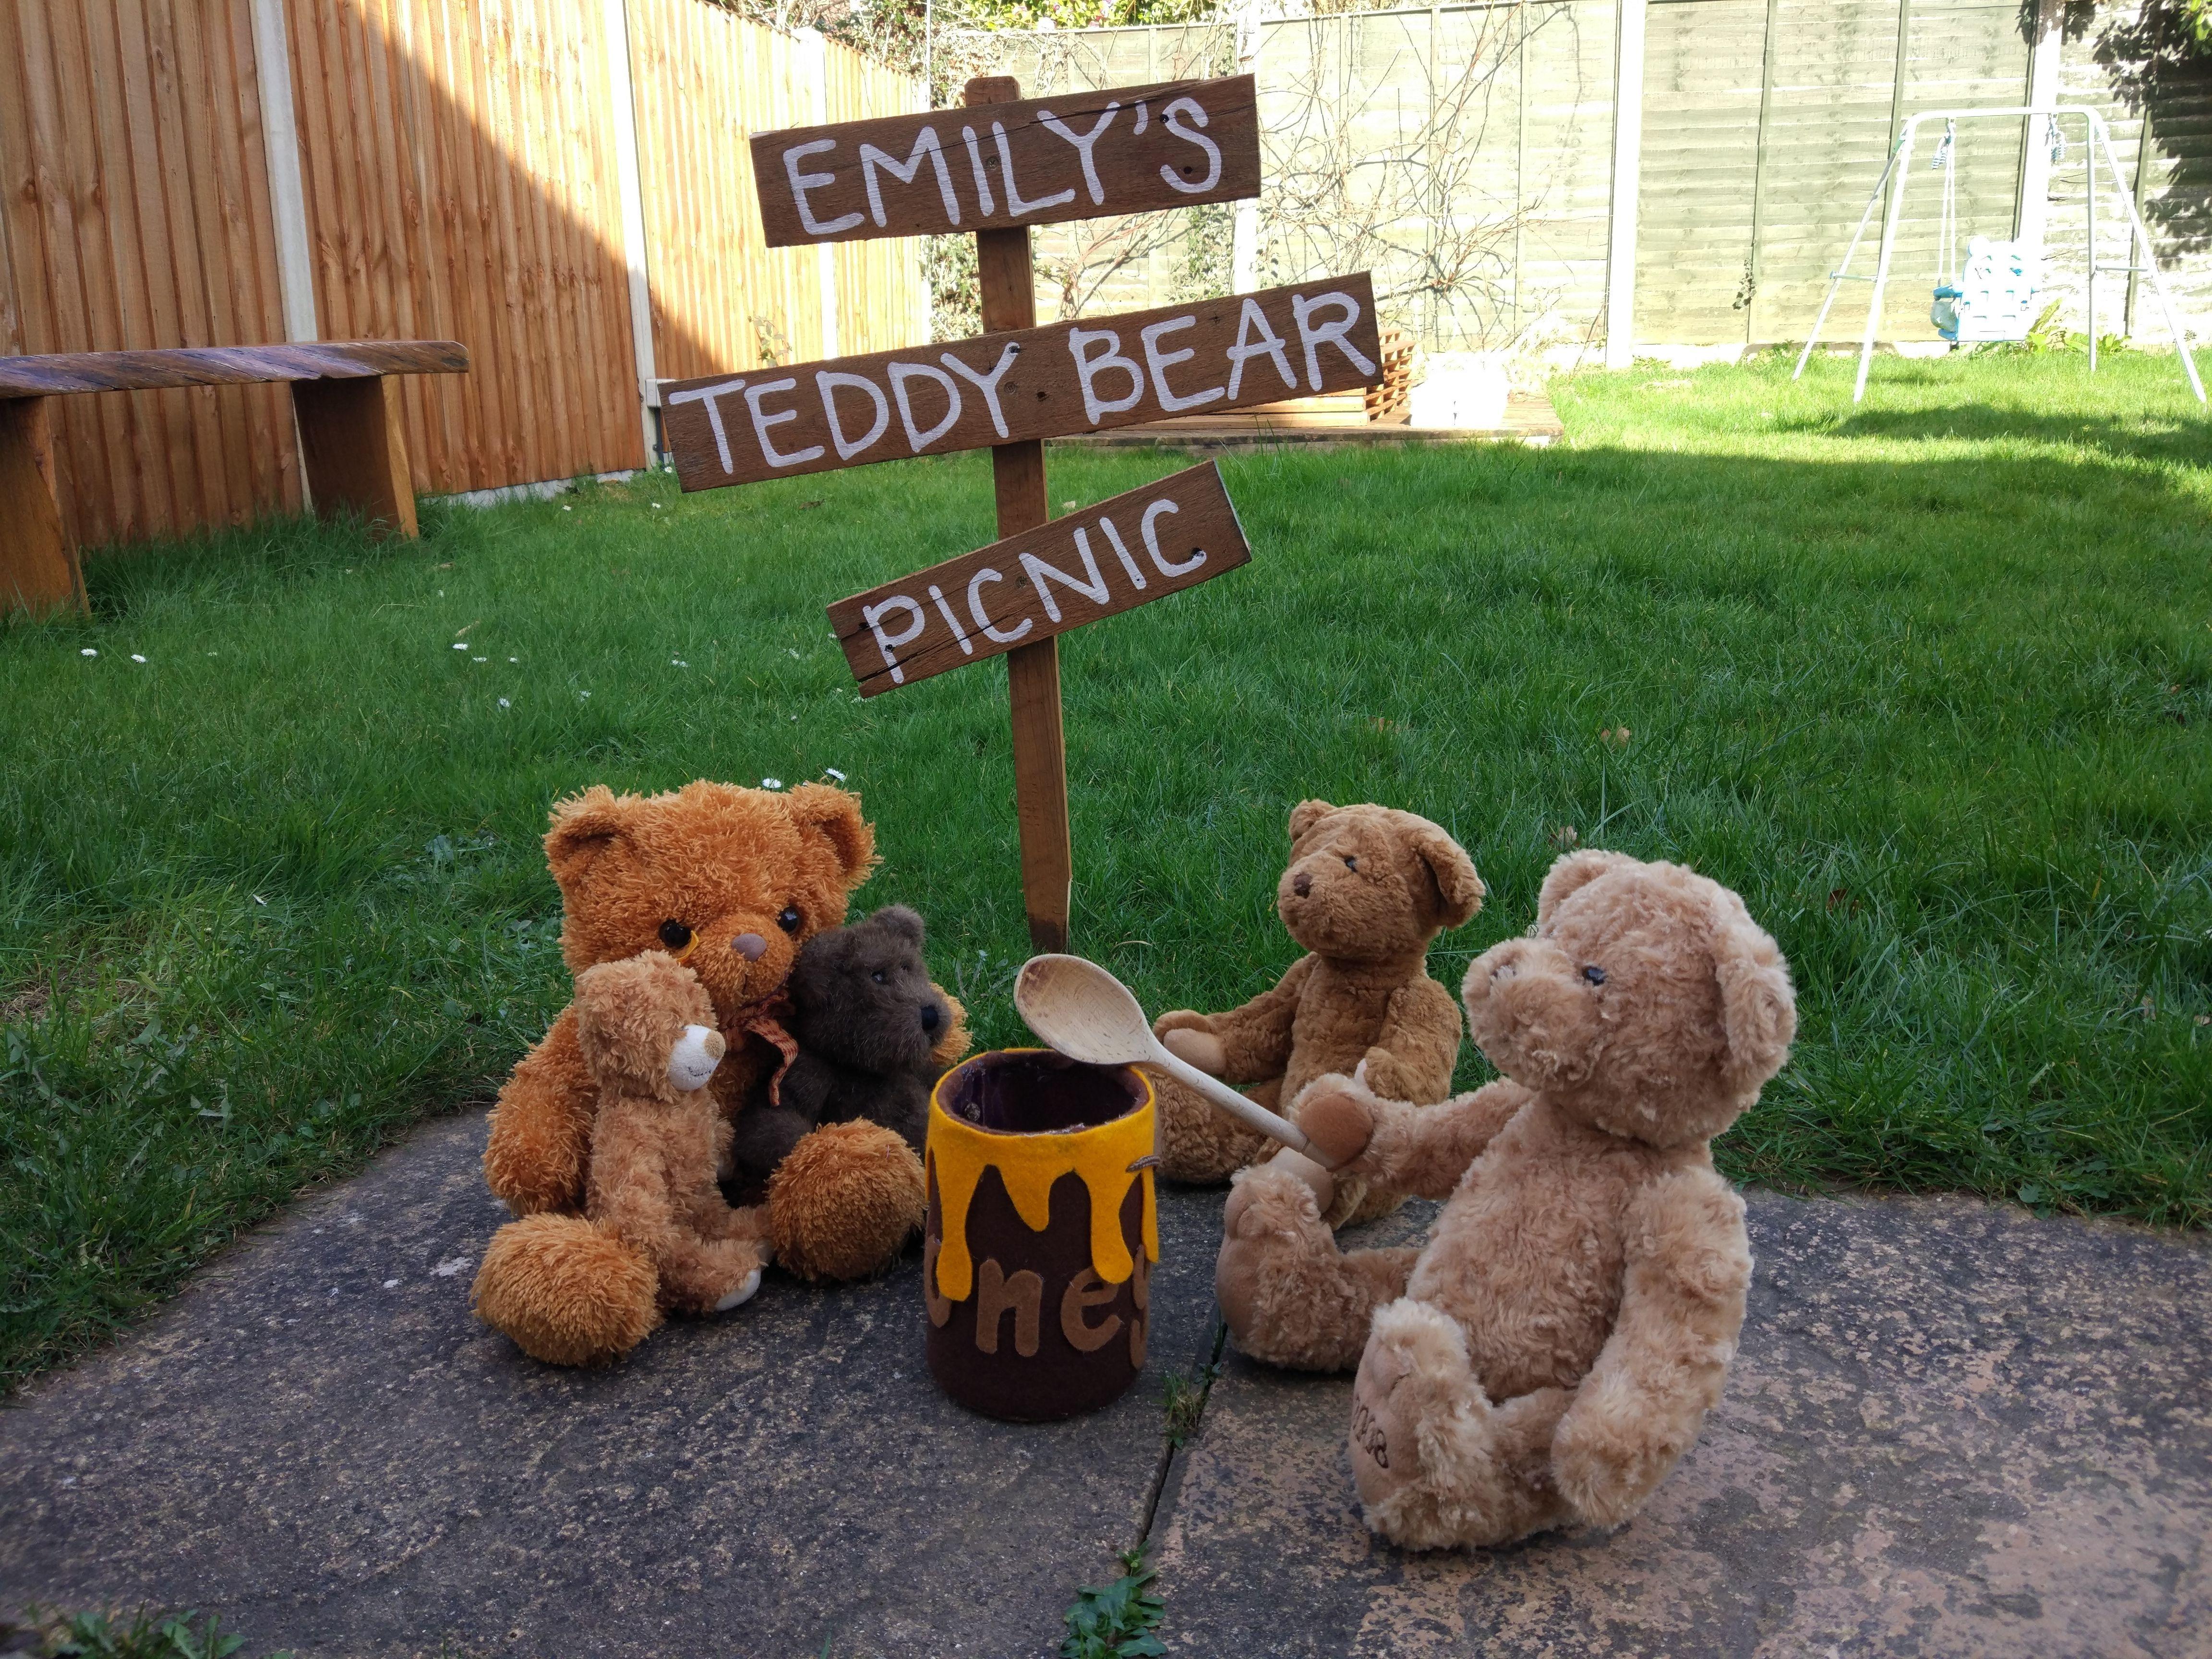 A family of Teddy Bears sat round the honey pot at Emily's Teddy Bear Picnic....so cute! #babyteddybear